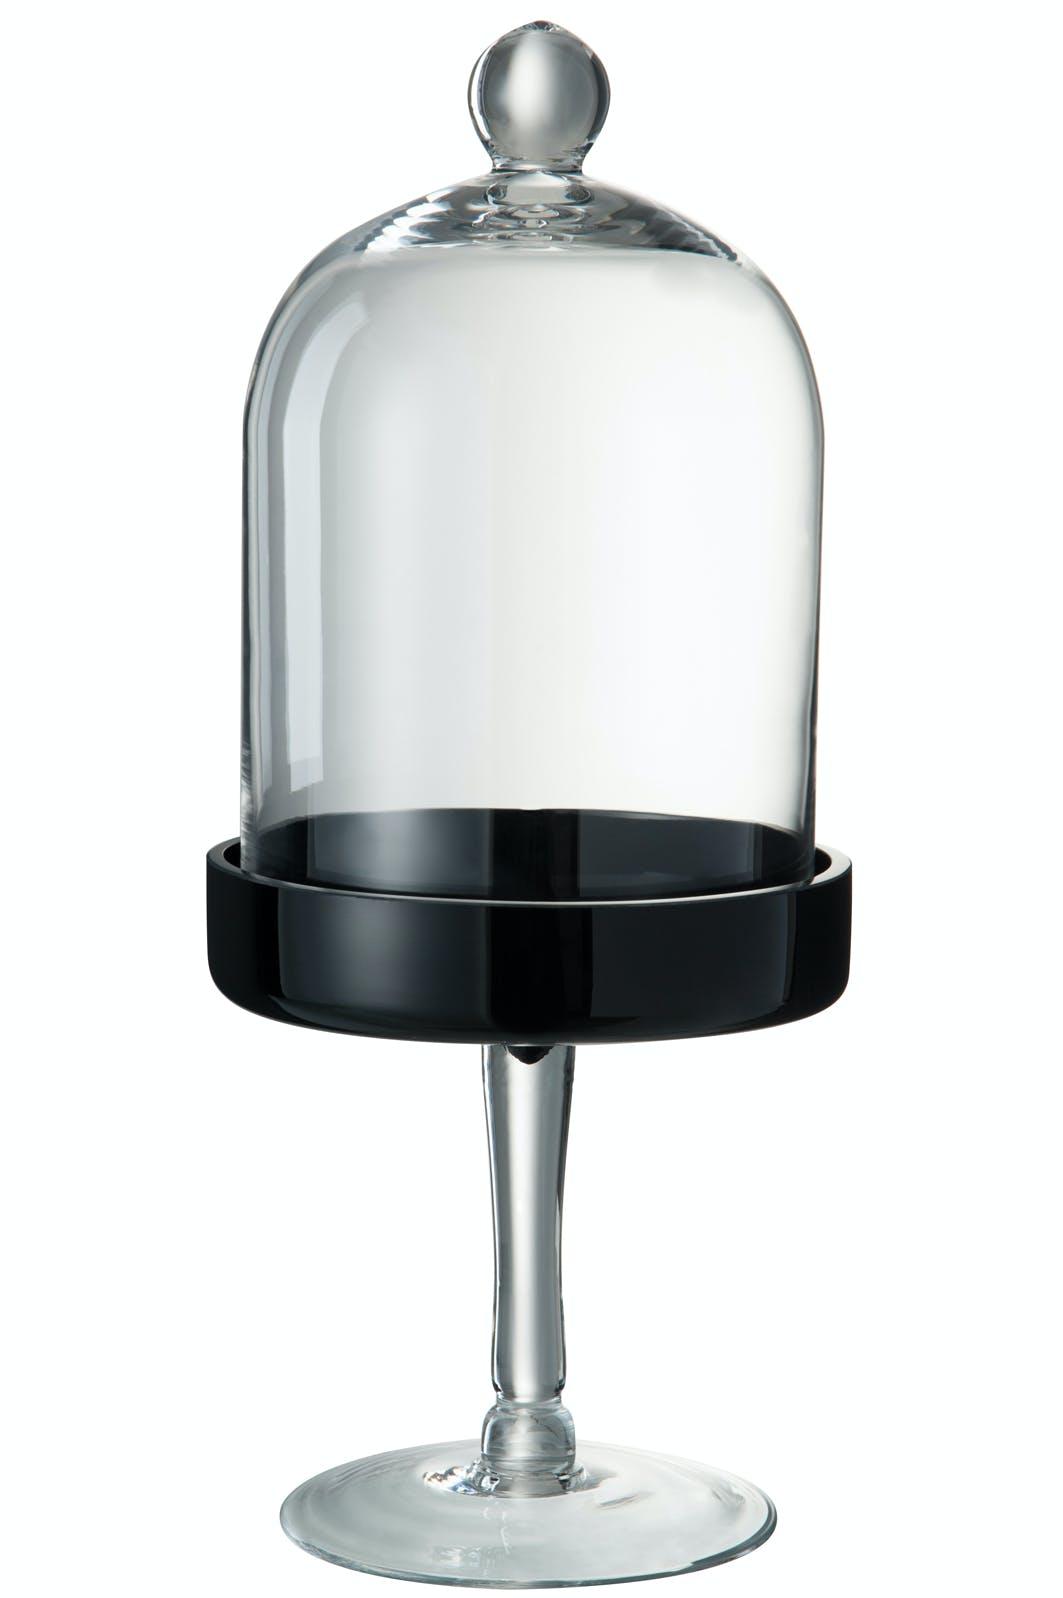 Cloche en verre, base noir sur pied D20 H47cm